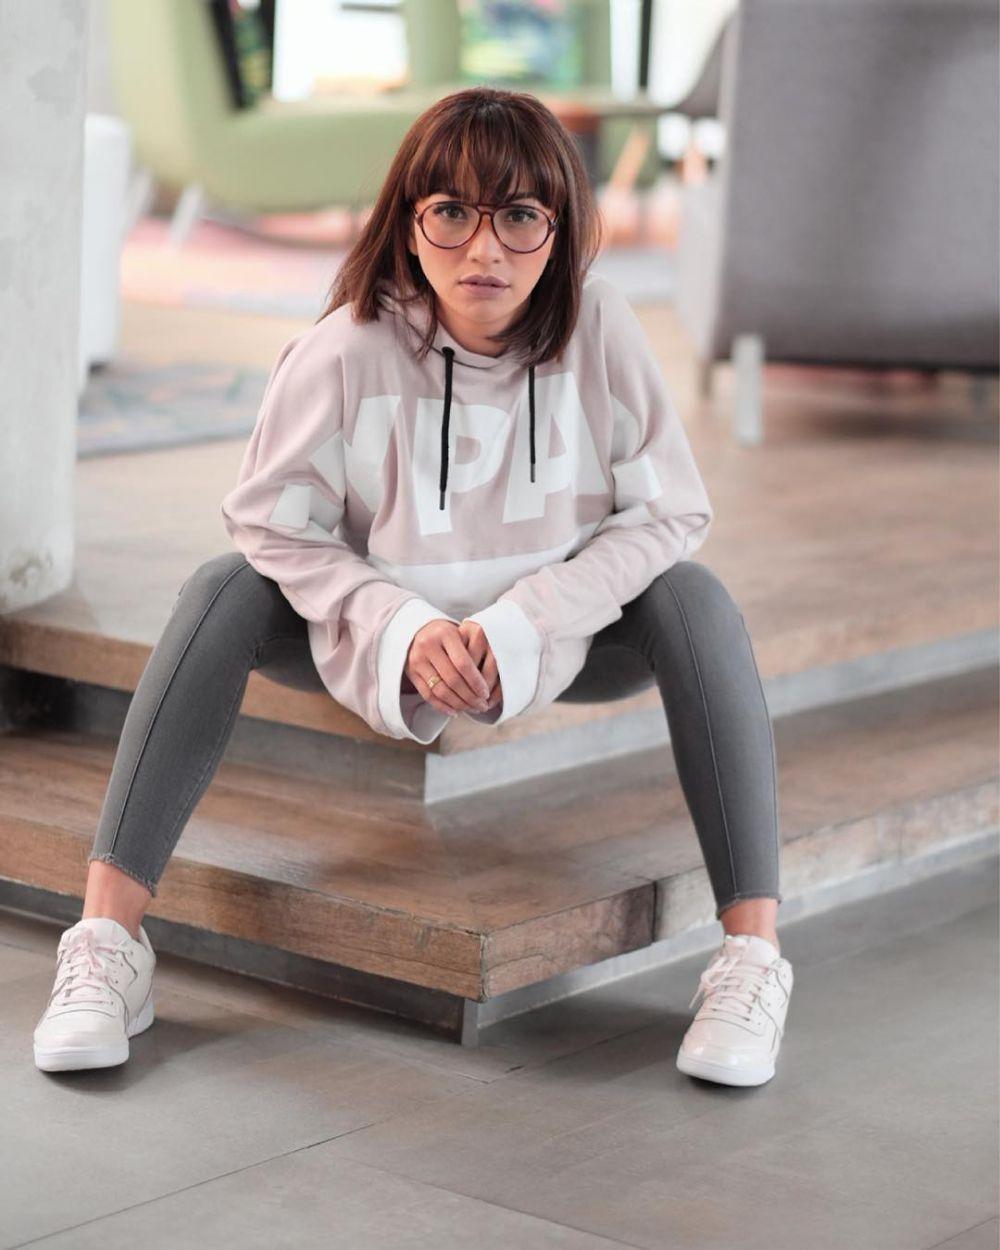 Hobi Koleksi Sneakers, 11 Potret Hesti Purwadinata yang Swag Abis!